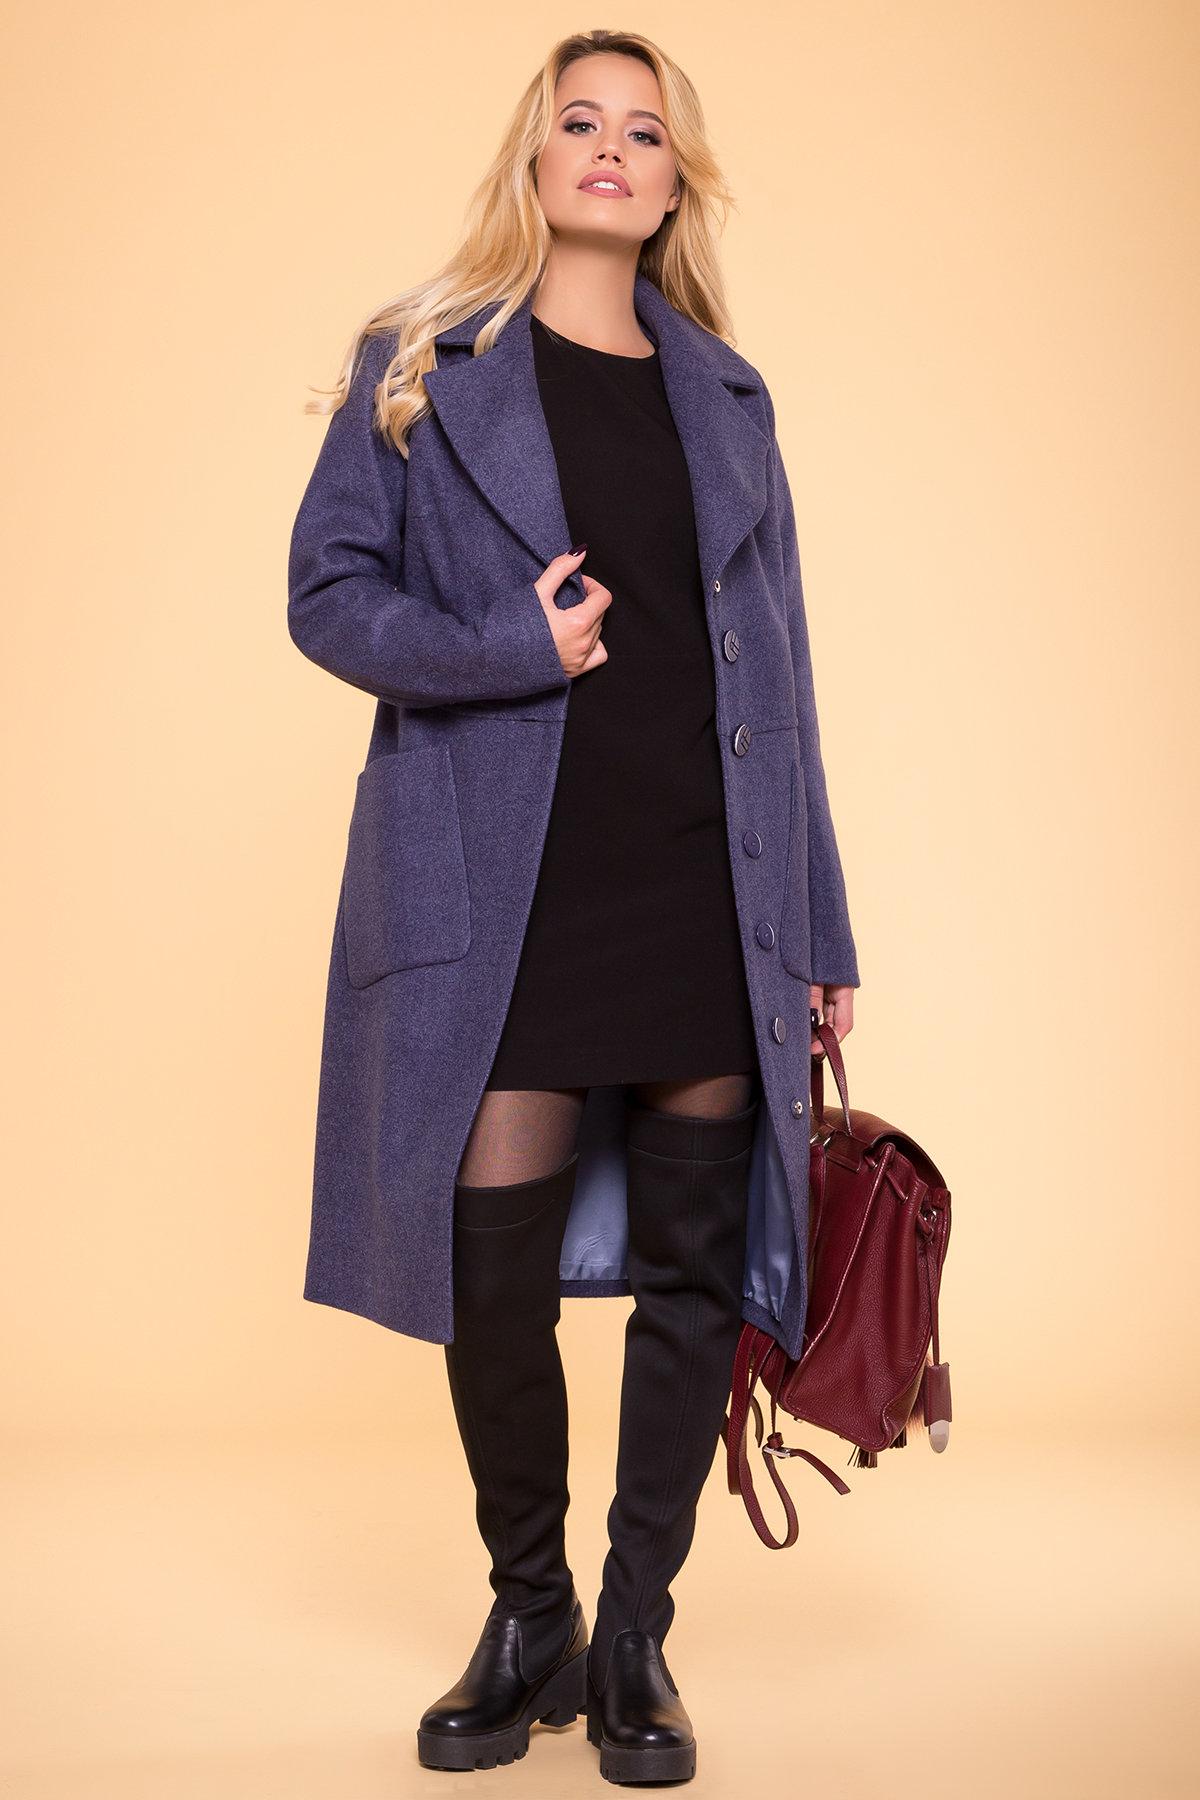 Пальто на весну-осень Габриэлла 4459 АРТ. 37561 Цвет: Джинс - фото 3, интернет магазин tm-modus.ru